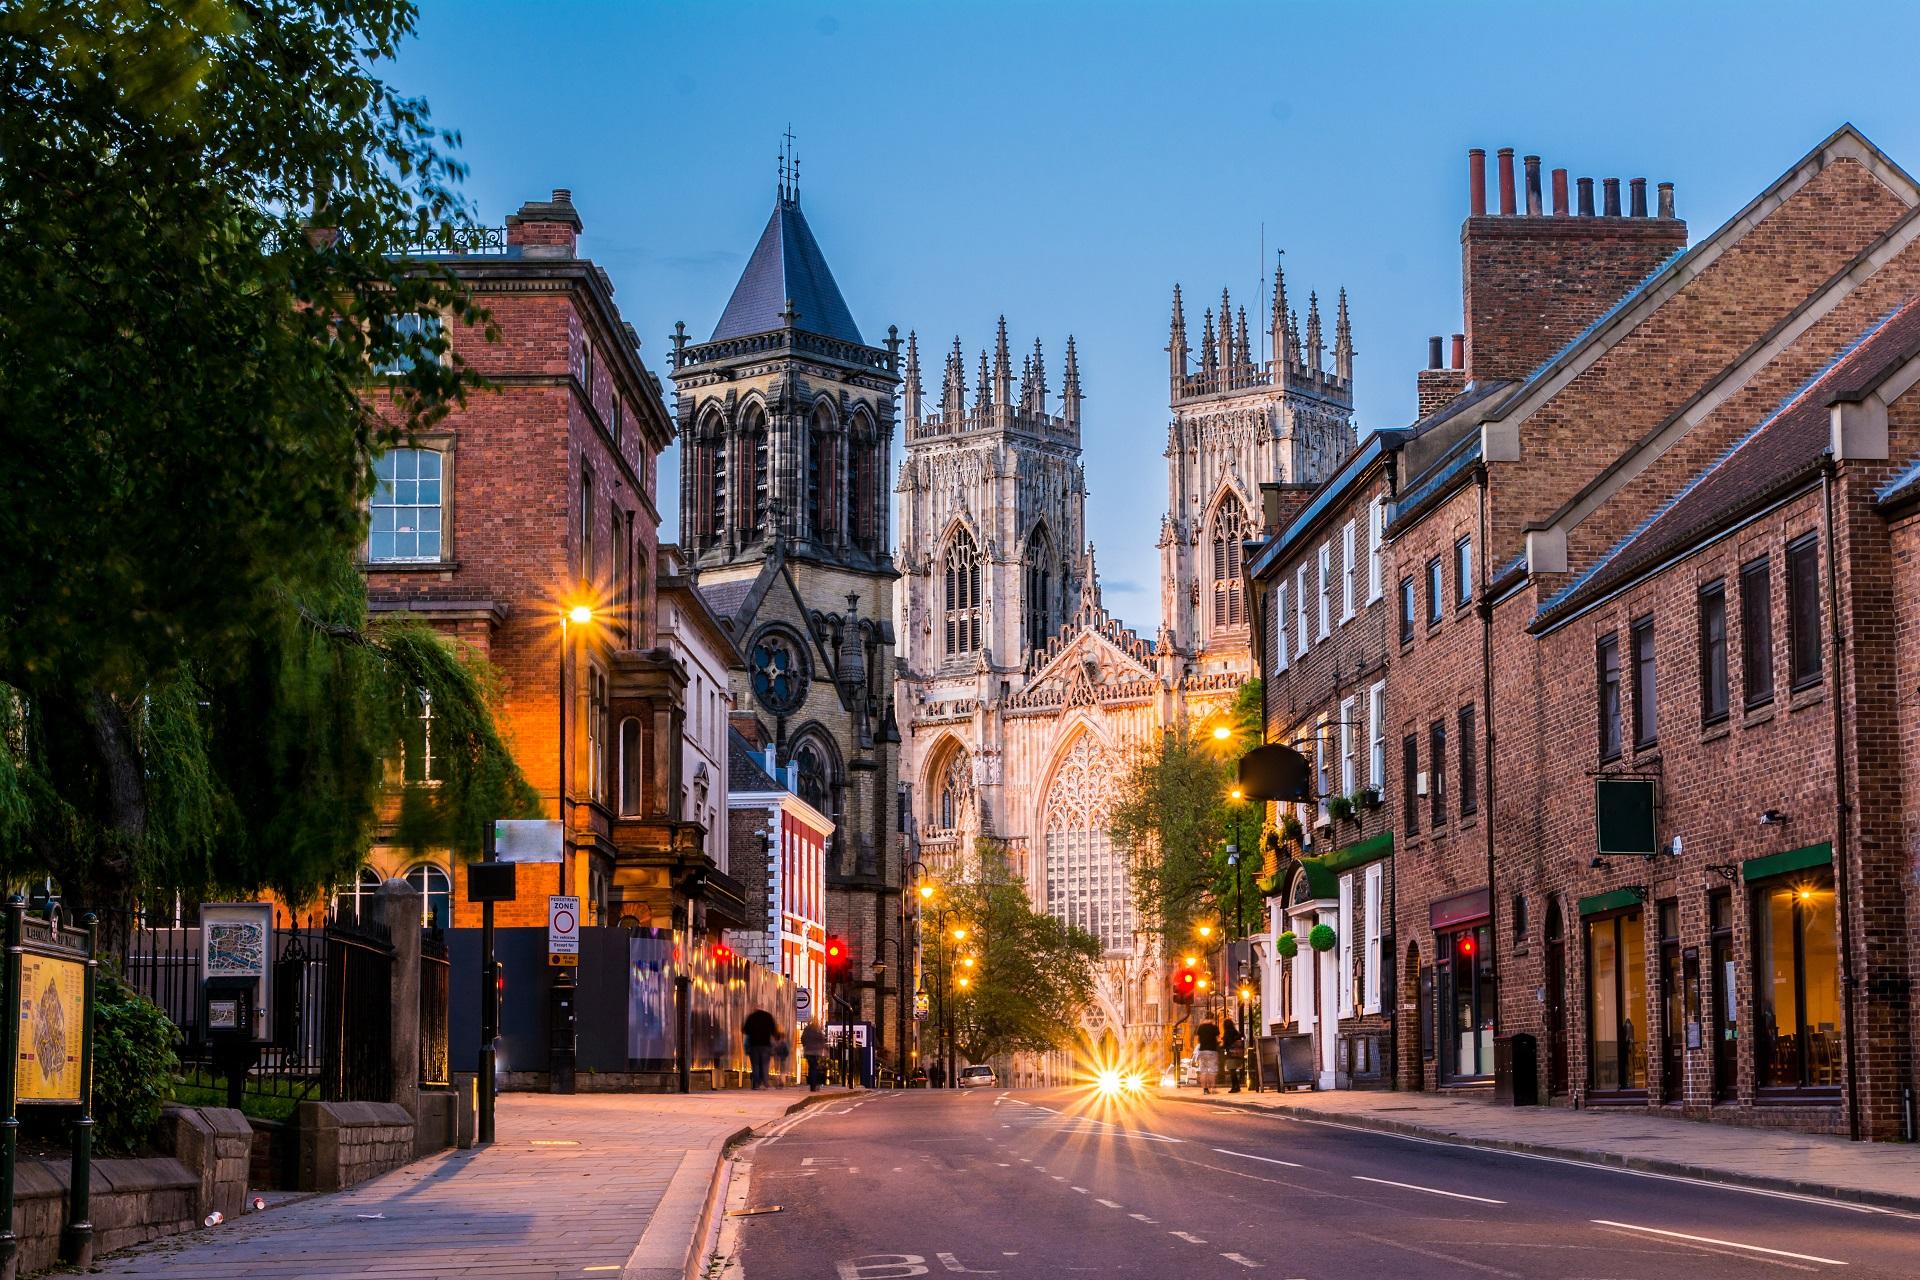 Cose da vedere a York